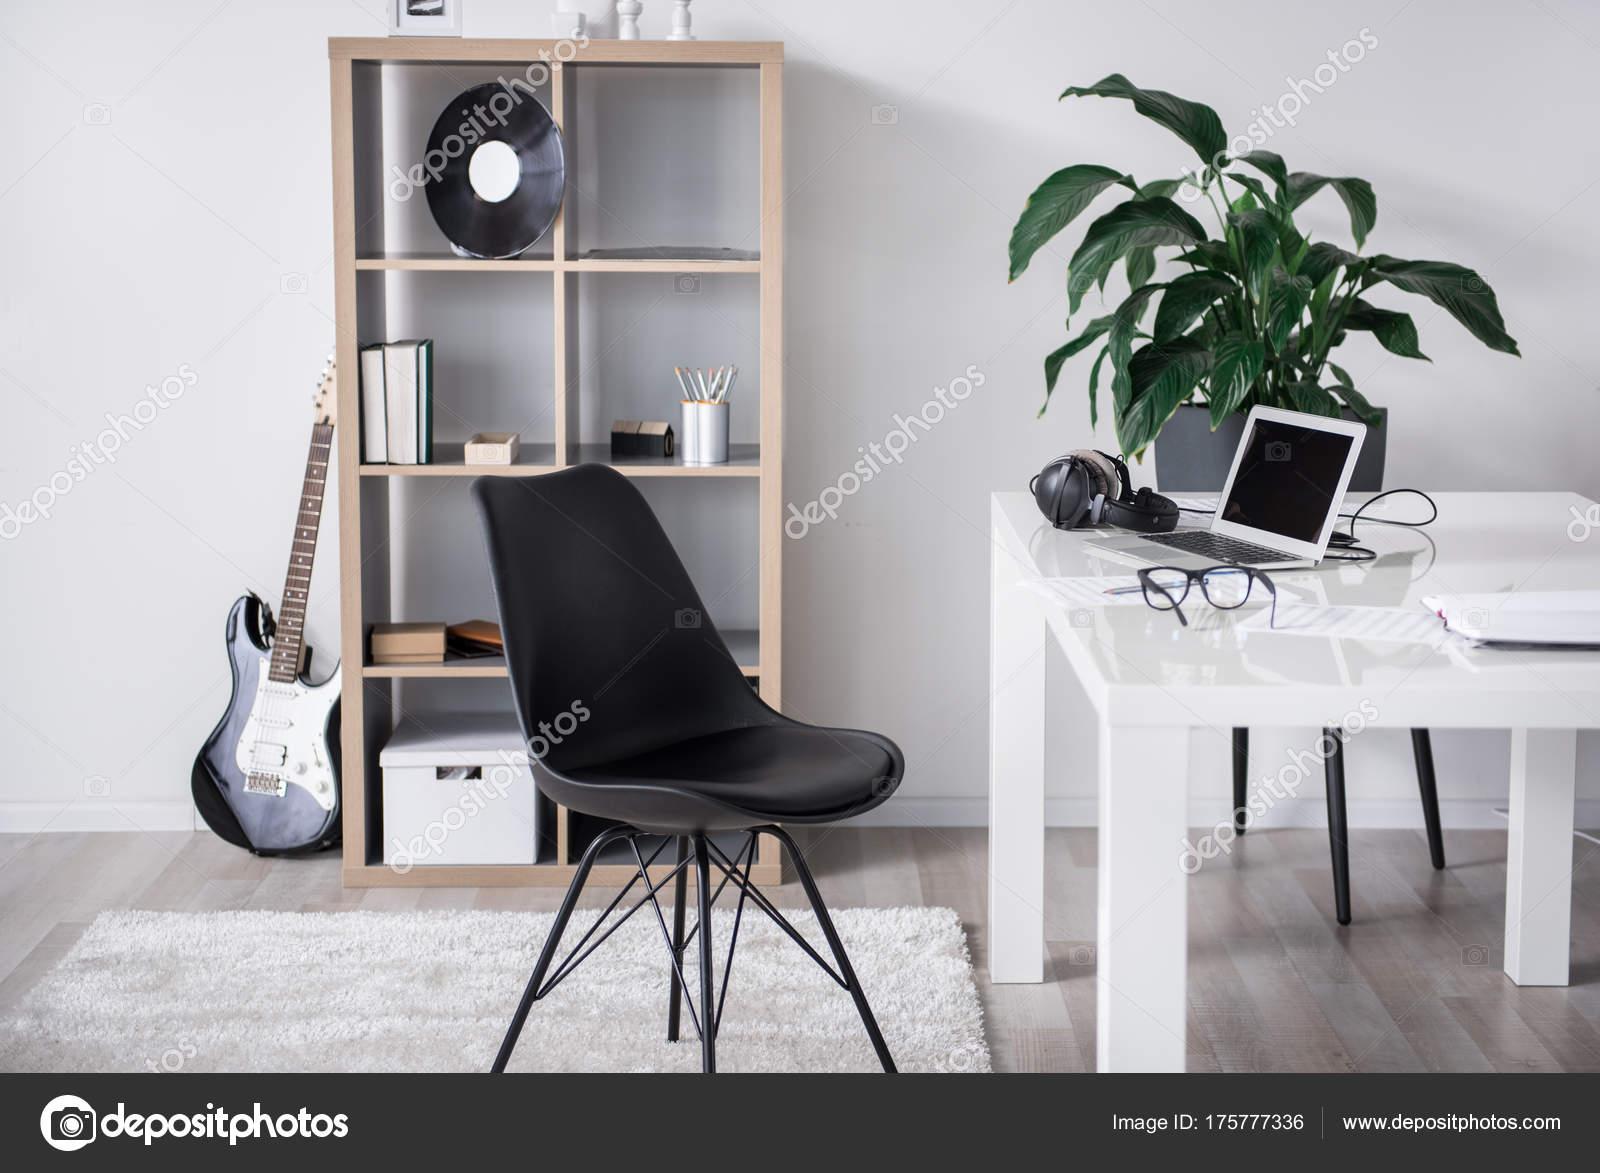 Ufficio Per Musica : Ufficio accogliente per un amante di musica vera u foto stock